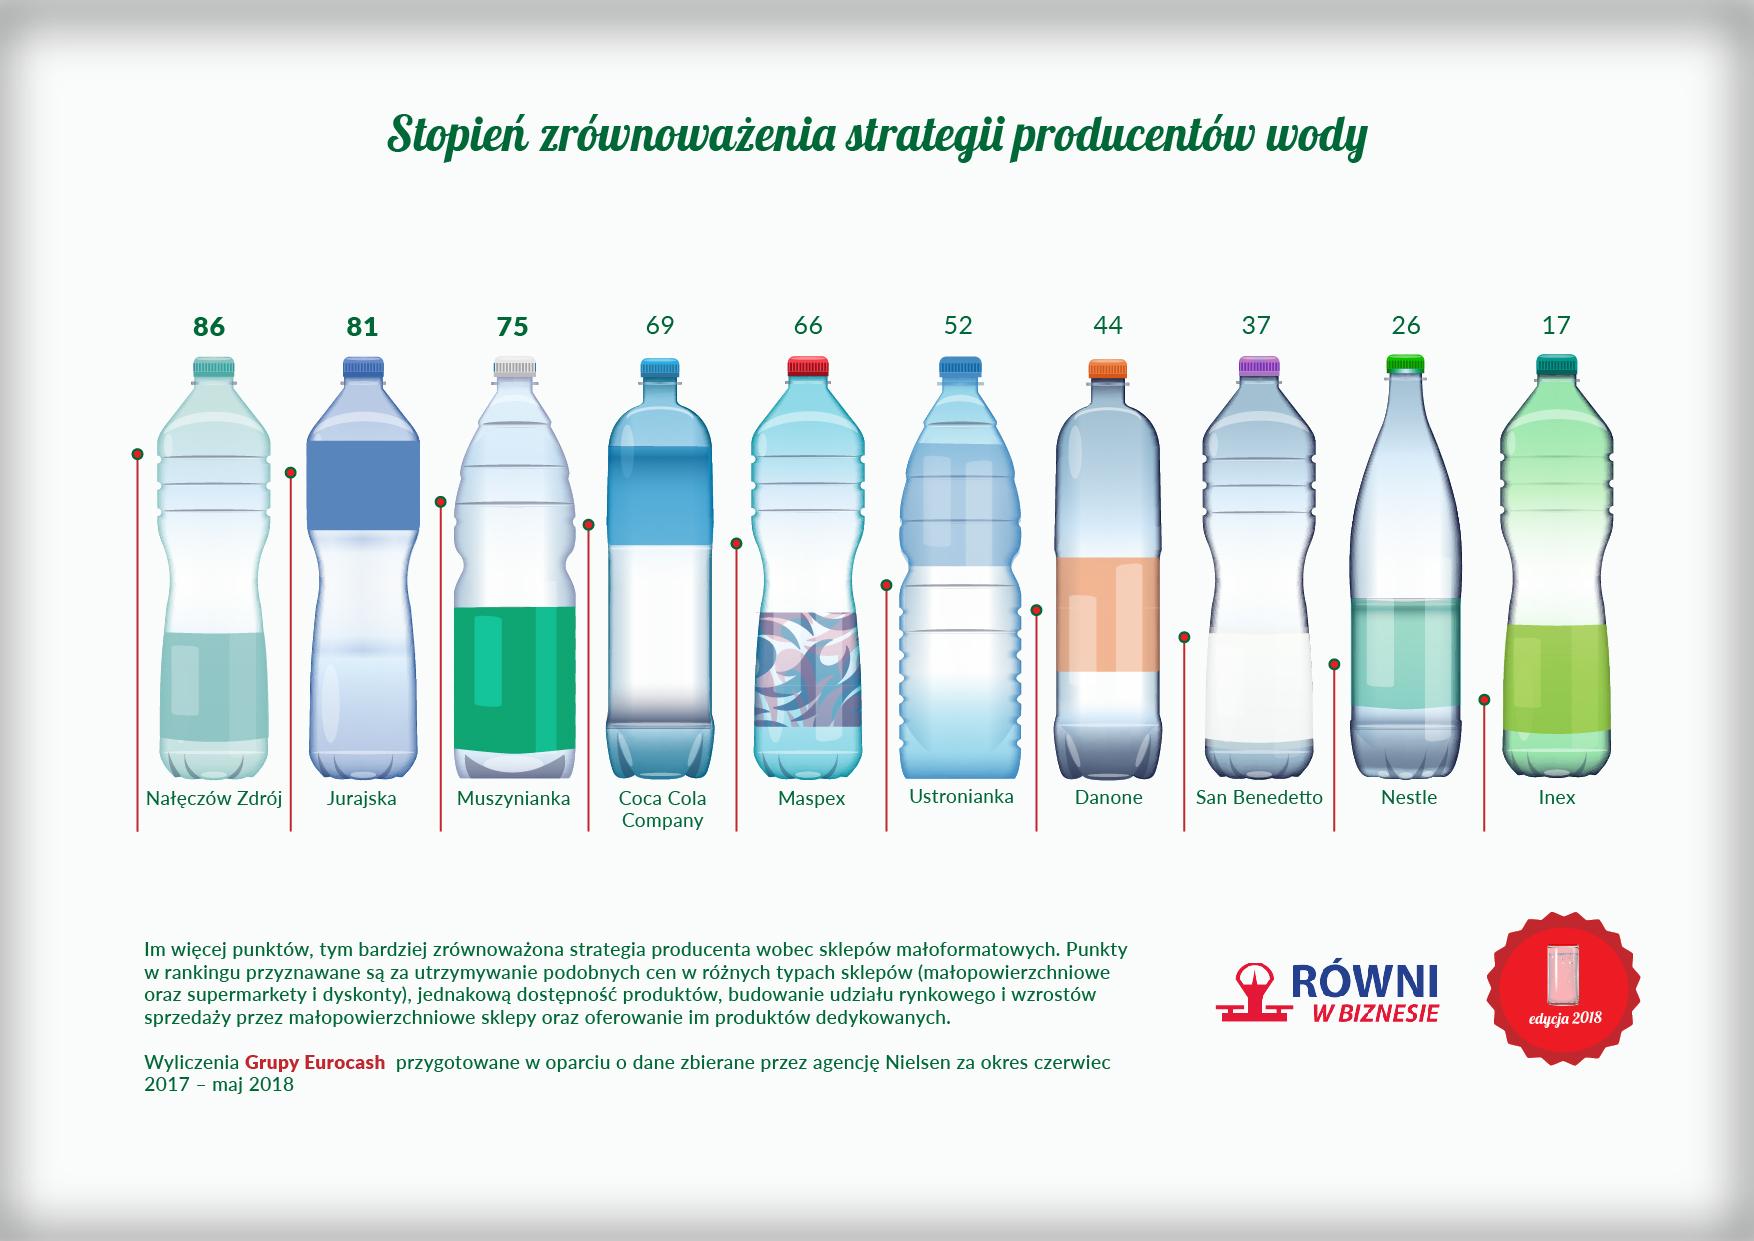 Równi w biznesie: woda